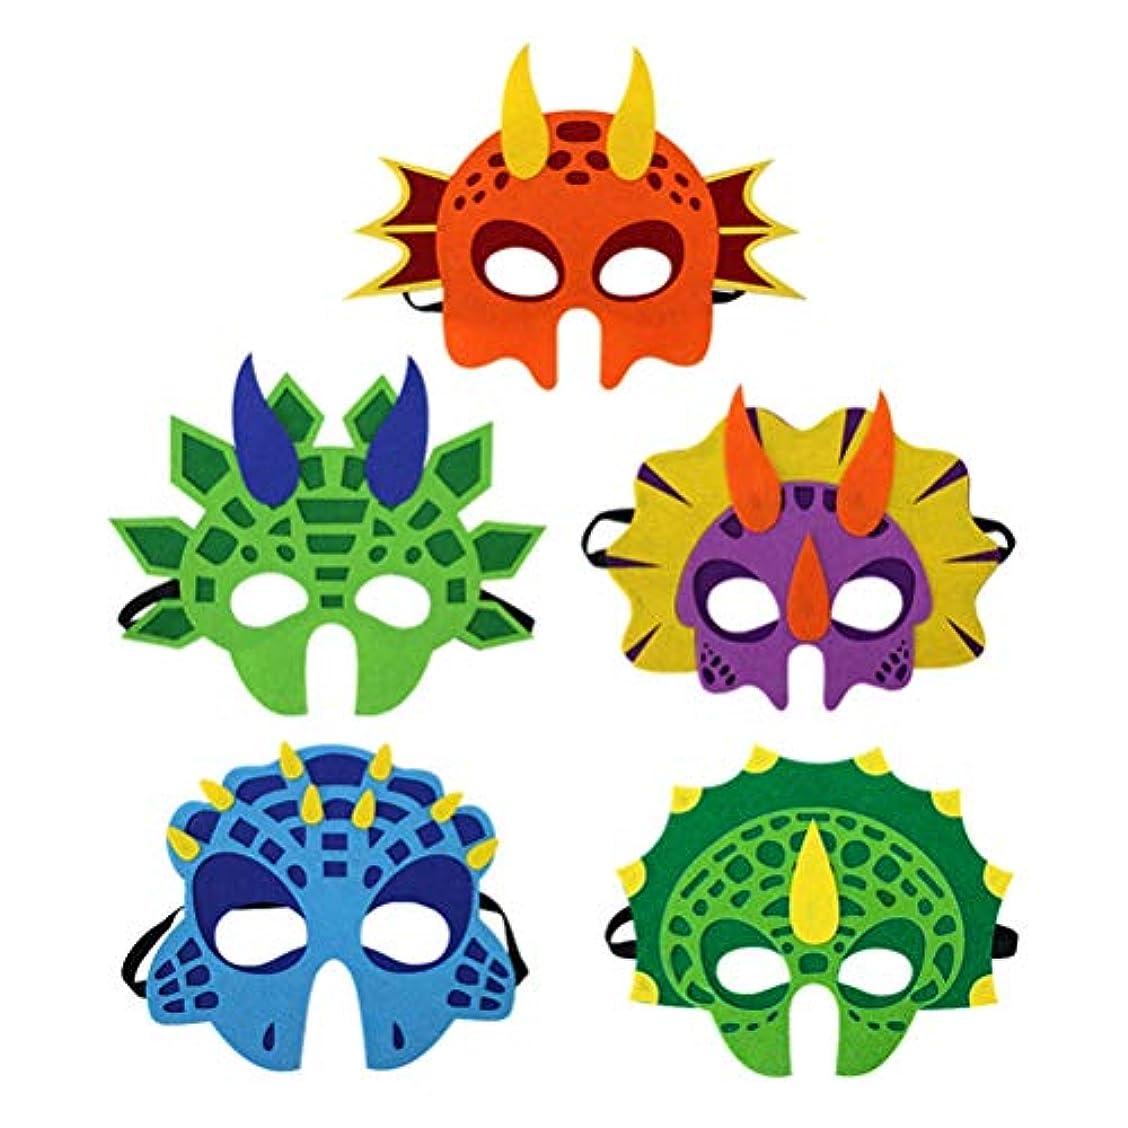 告白する子豚食器棚BESTOYARD 5ピース恐竜マスクコスプレフェルトマスクかわいい恐竜漫画フェイスマスク用子供キッズパーティー用品